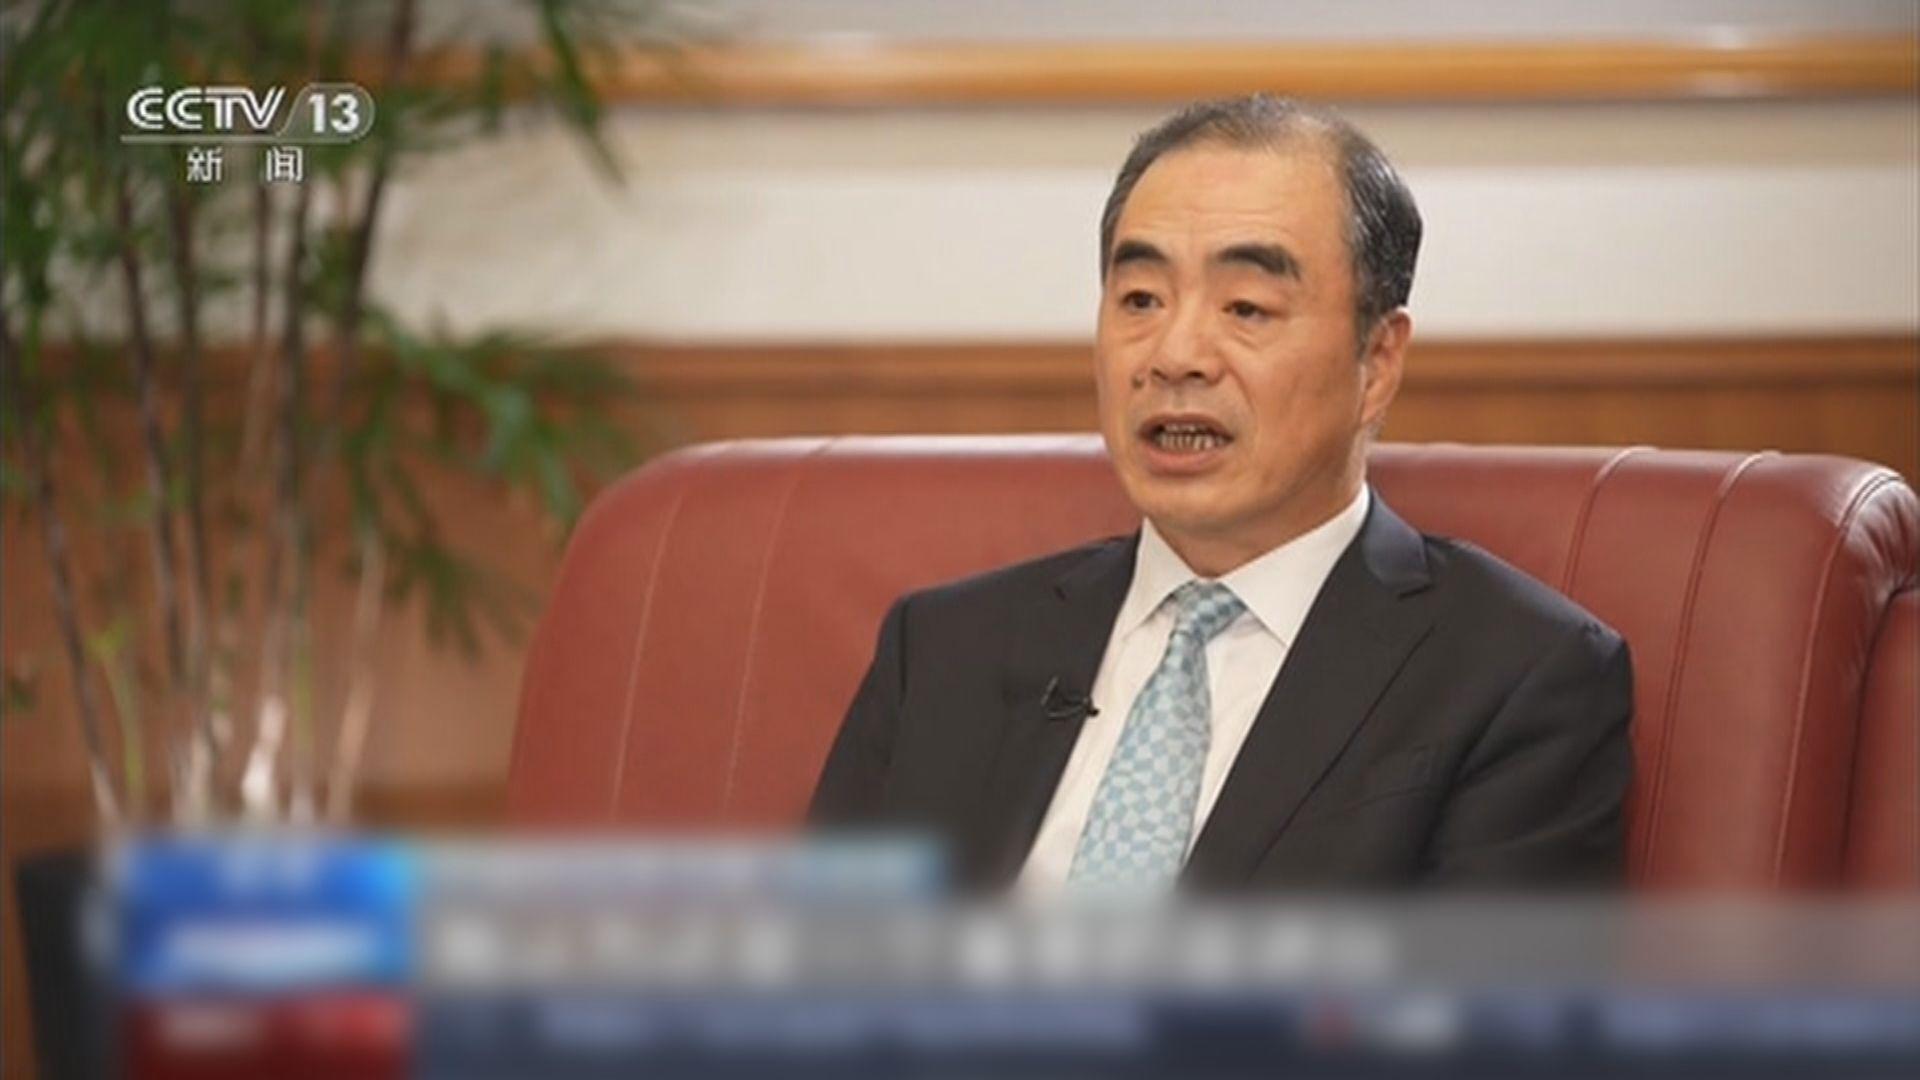 中國駐日大使孔鉉佑:東奧對中國而言是宣講台